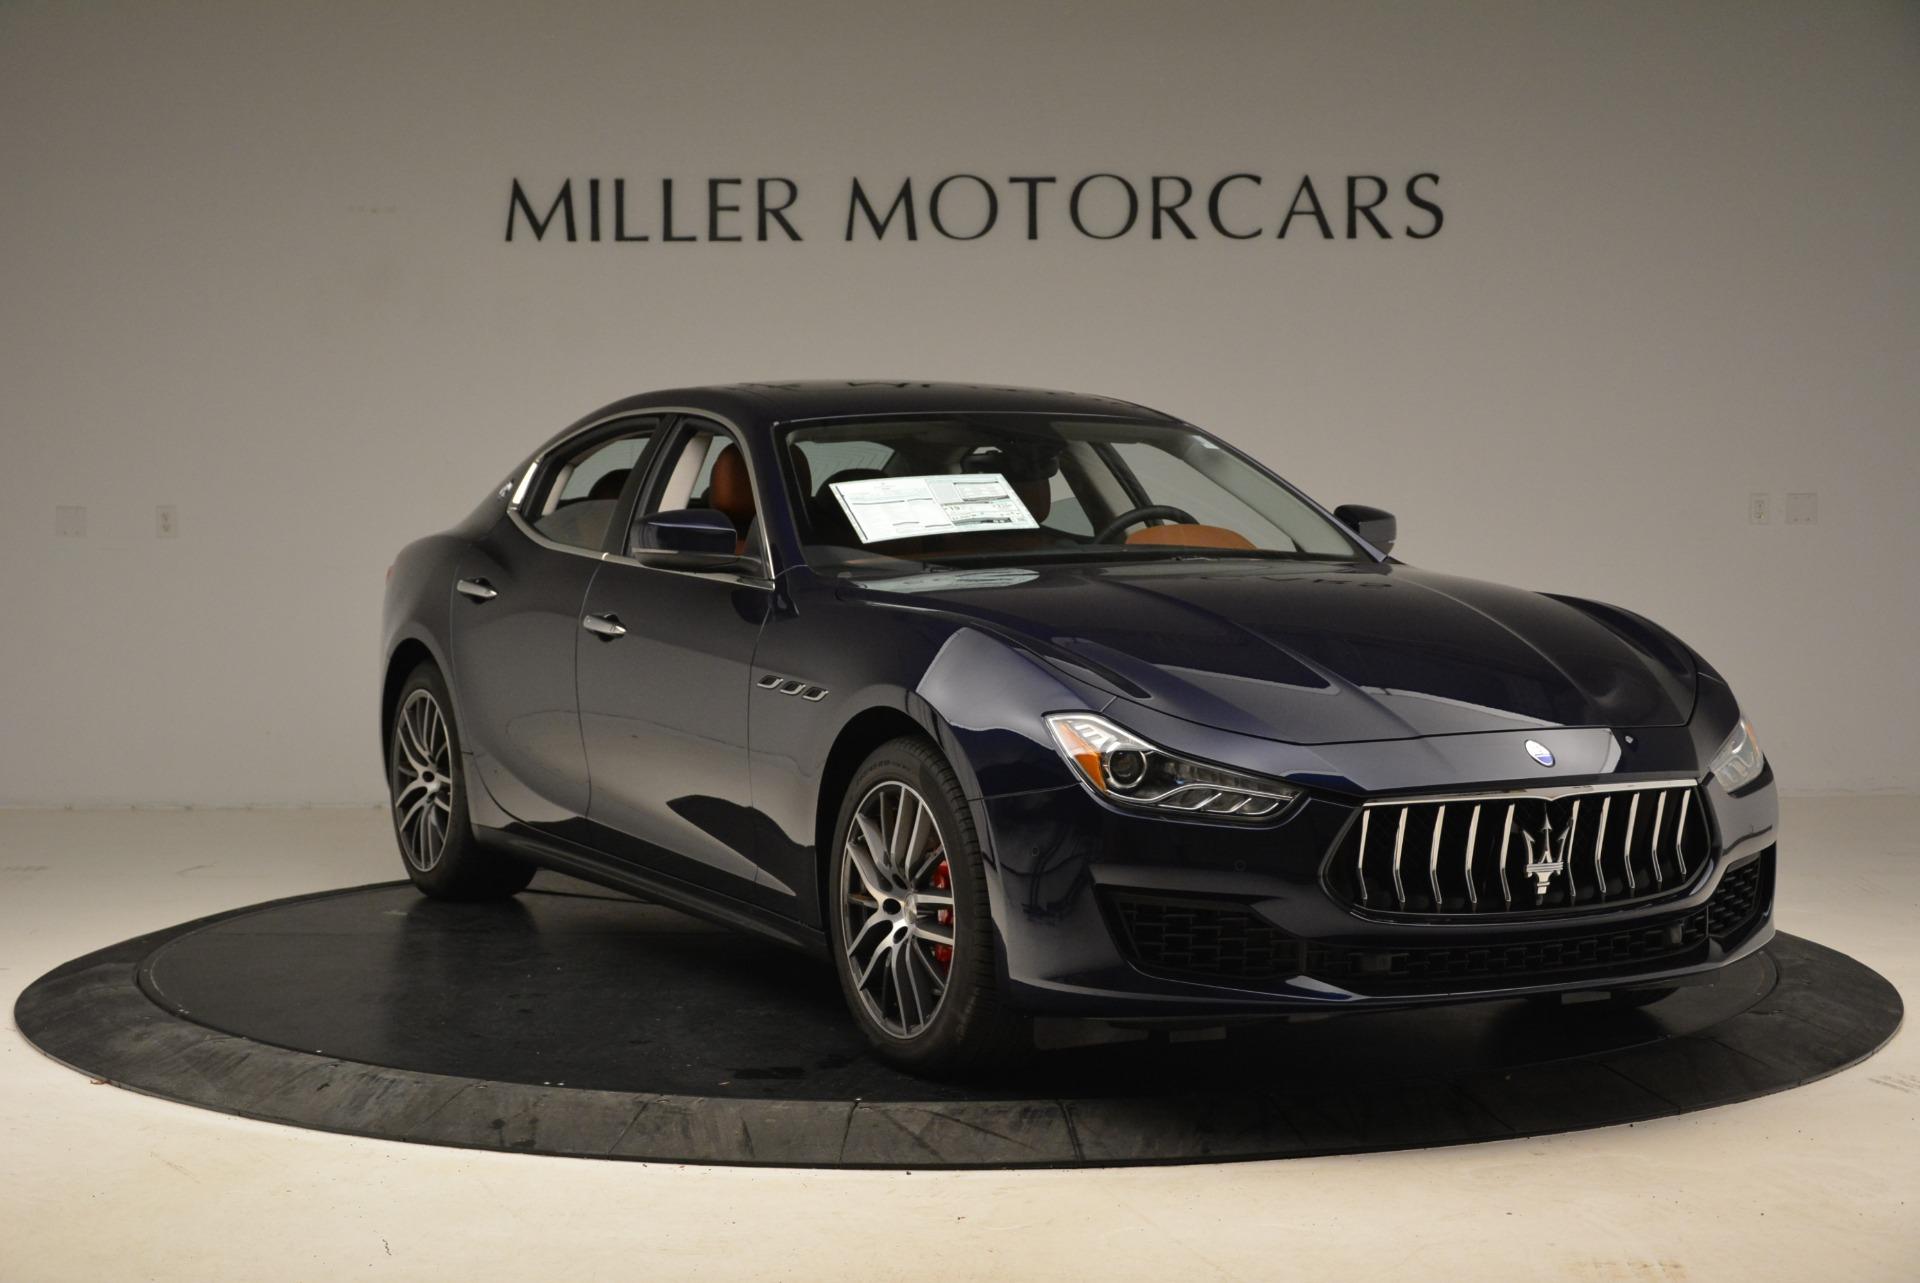 New 2018 Maserati Ghibli S Q4 For Sale In Greenwich, CT 1615_p11